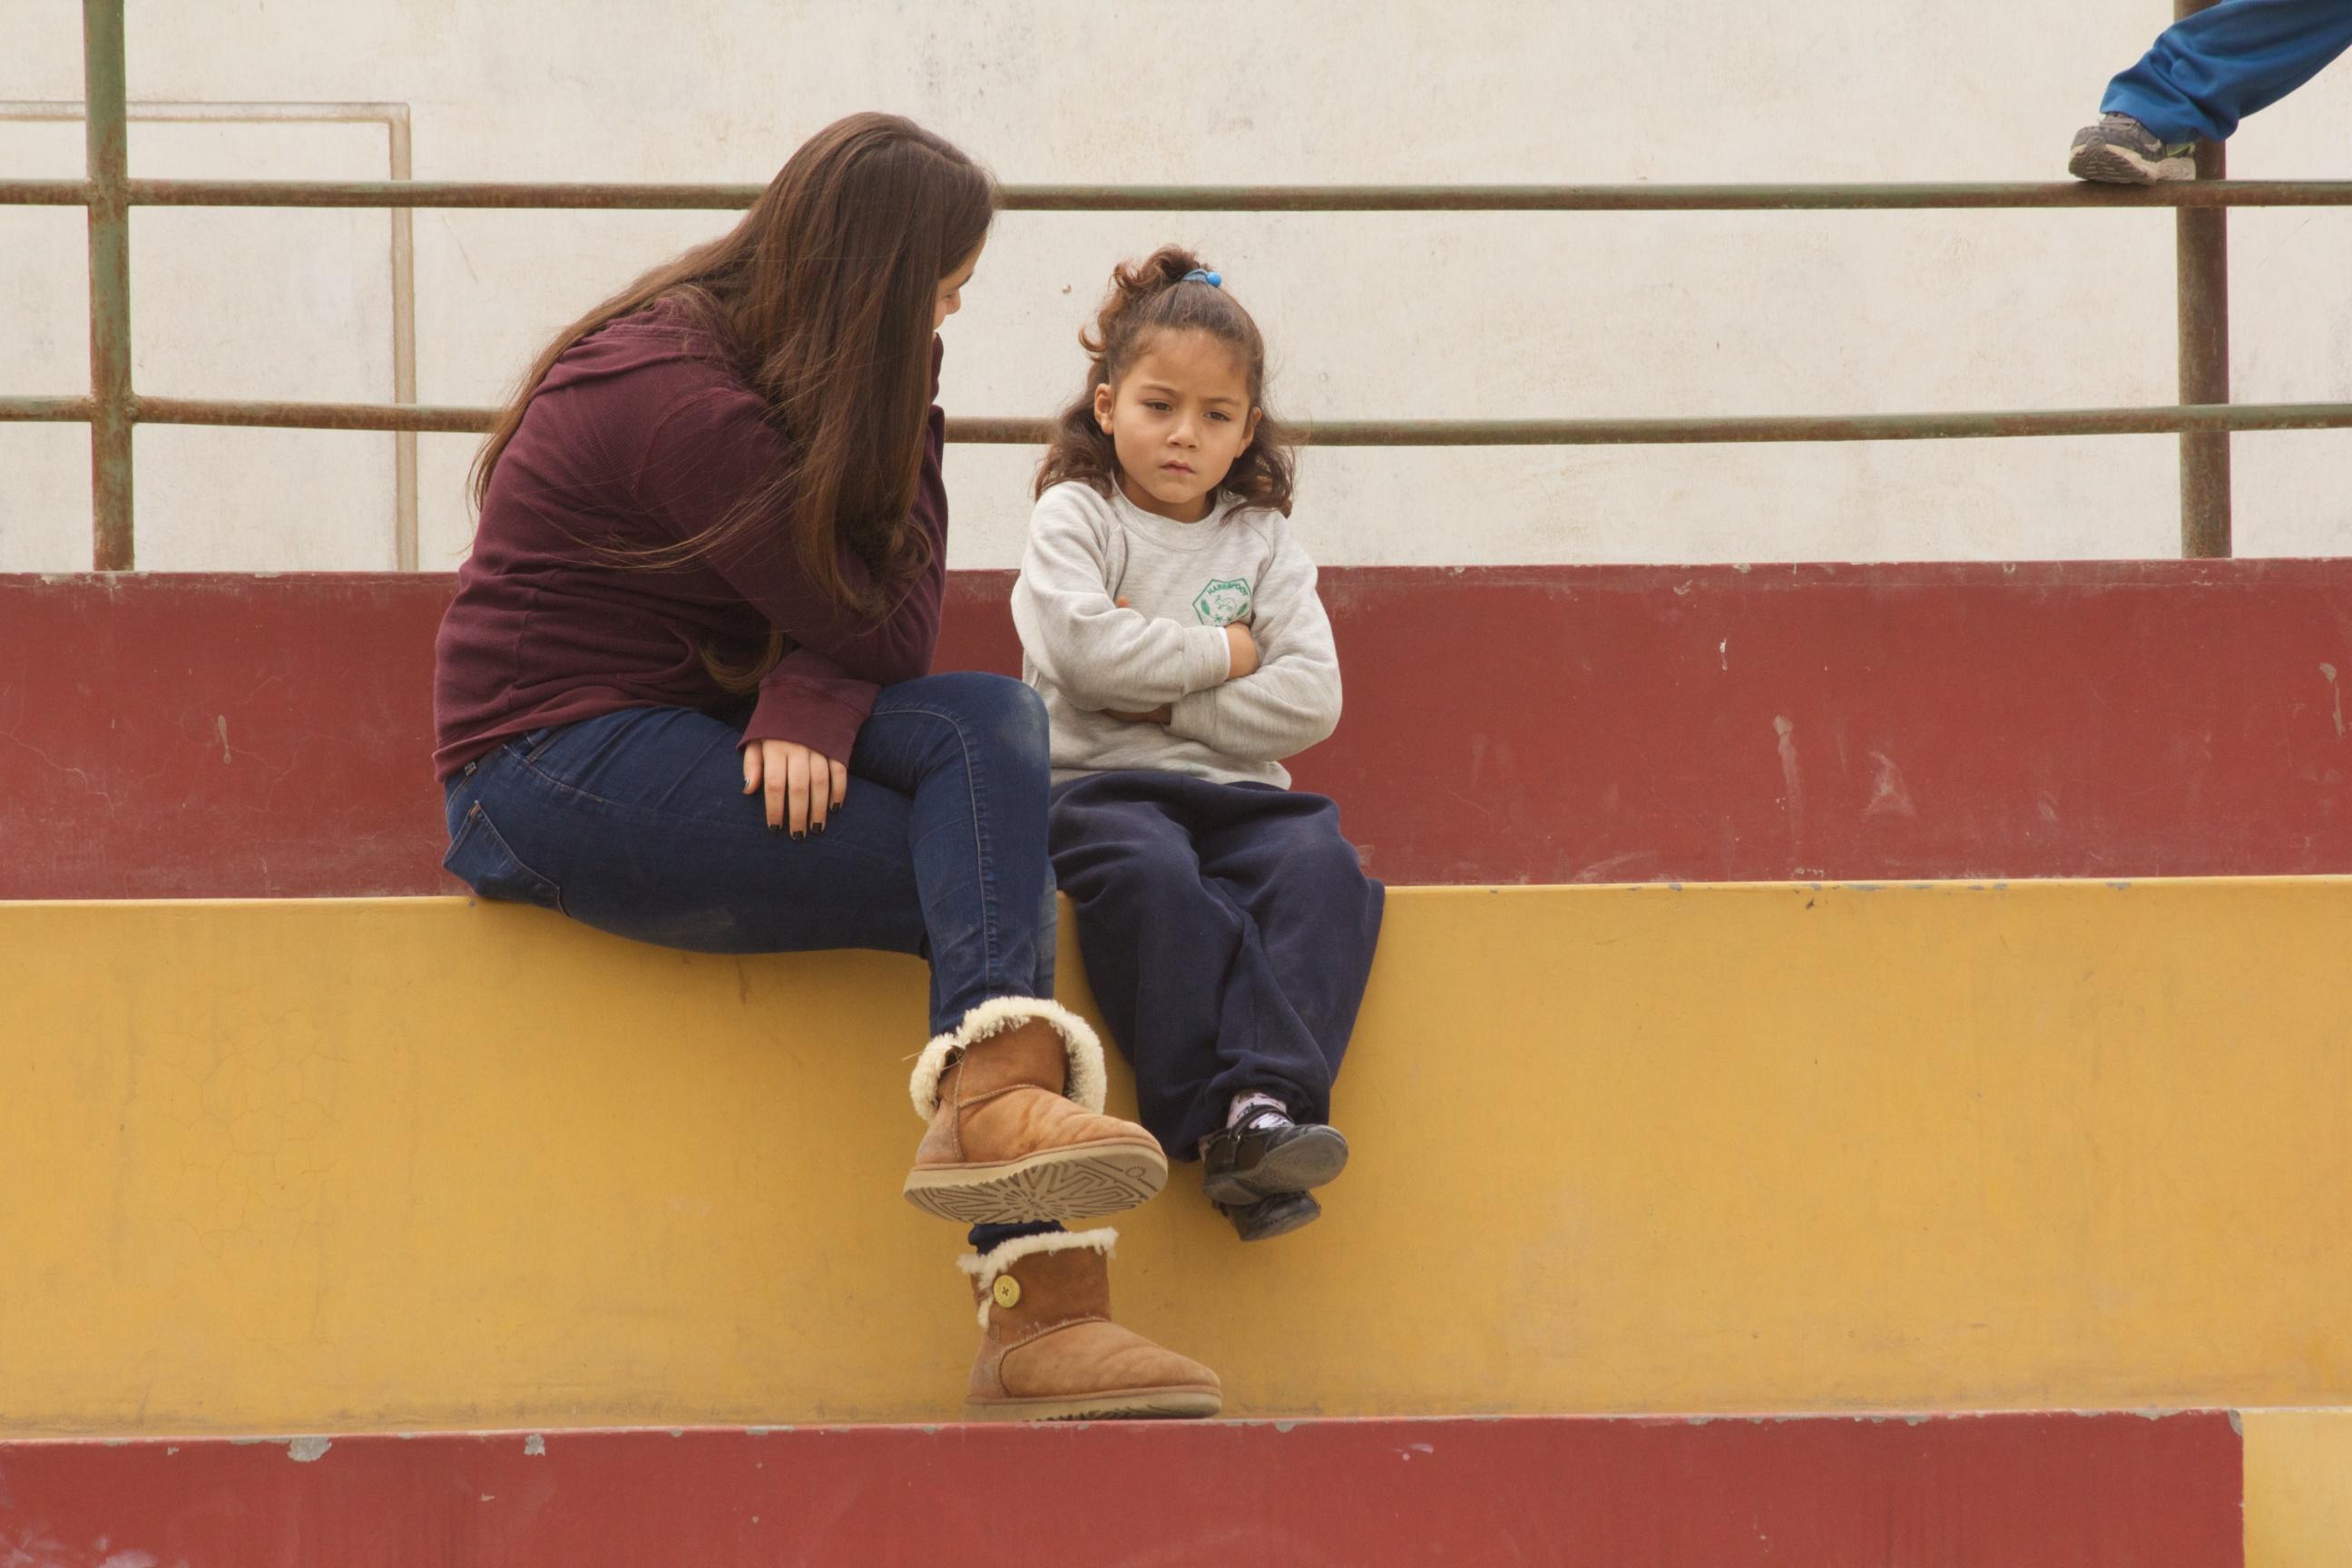 Volunteer with Project Peru in Peru?